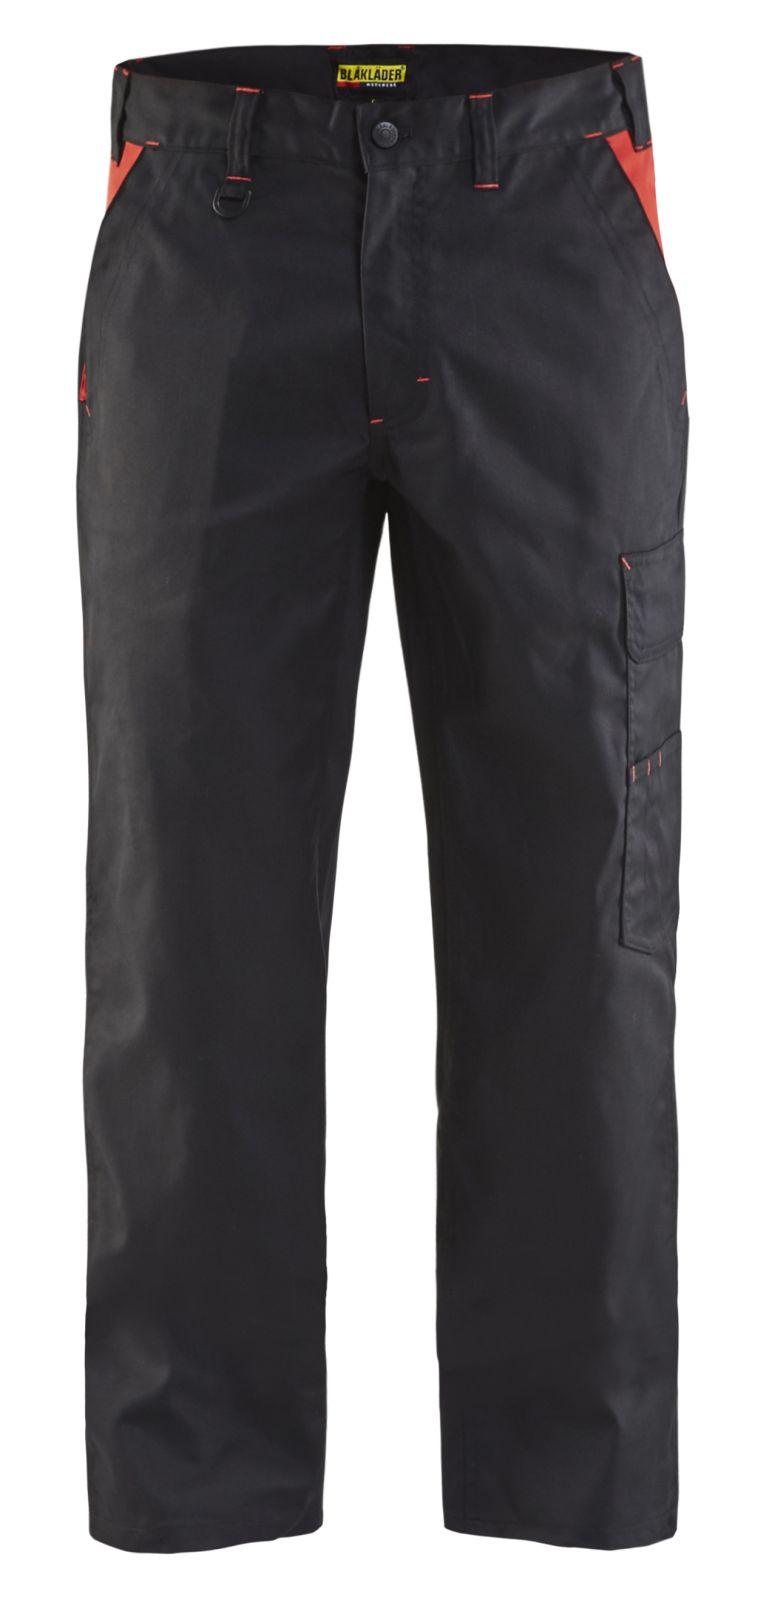 Blaklader Werkbroeken 14041800 zwart-rood(9956)